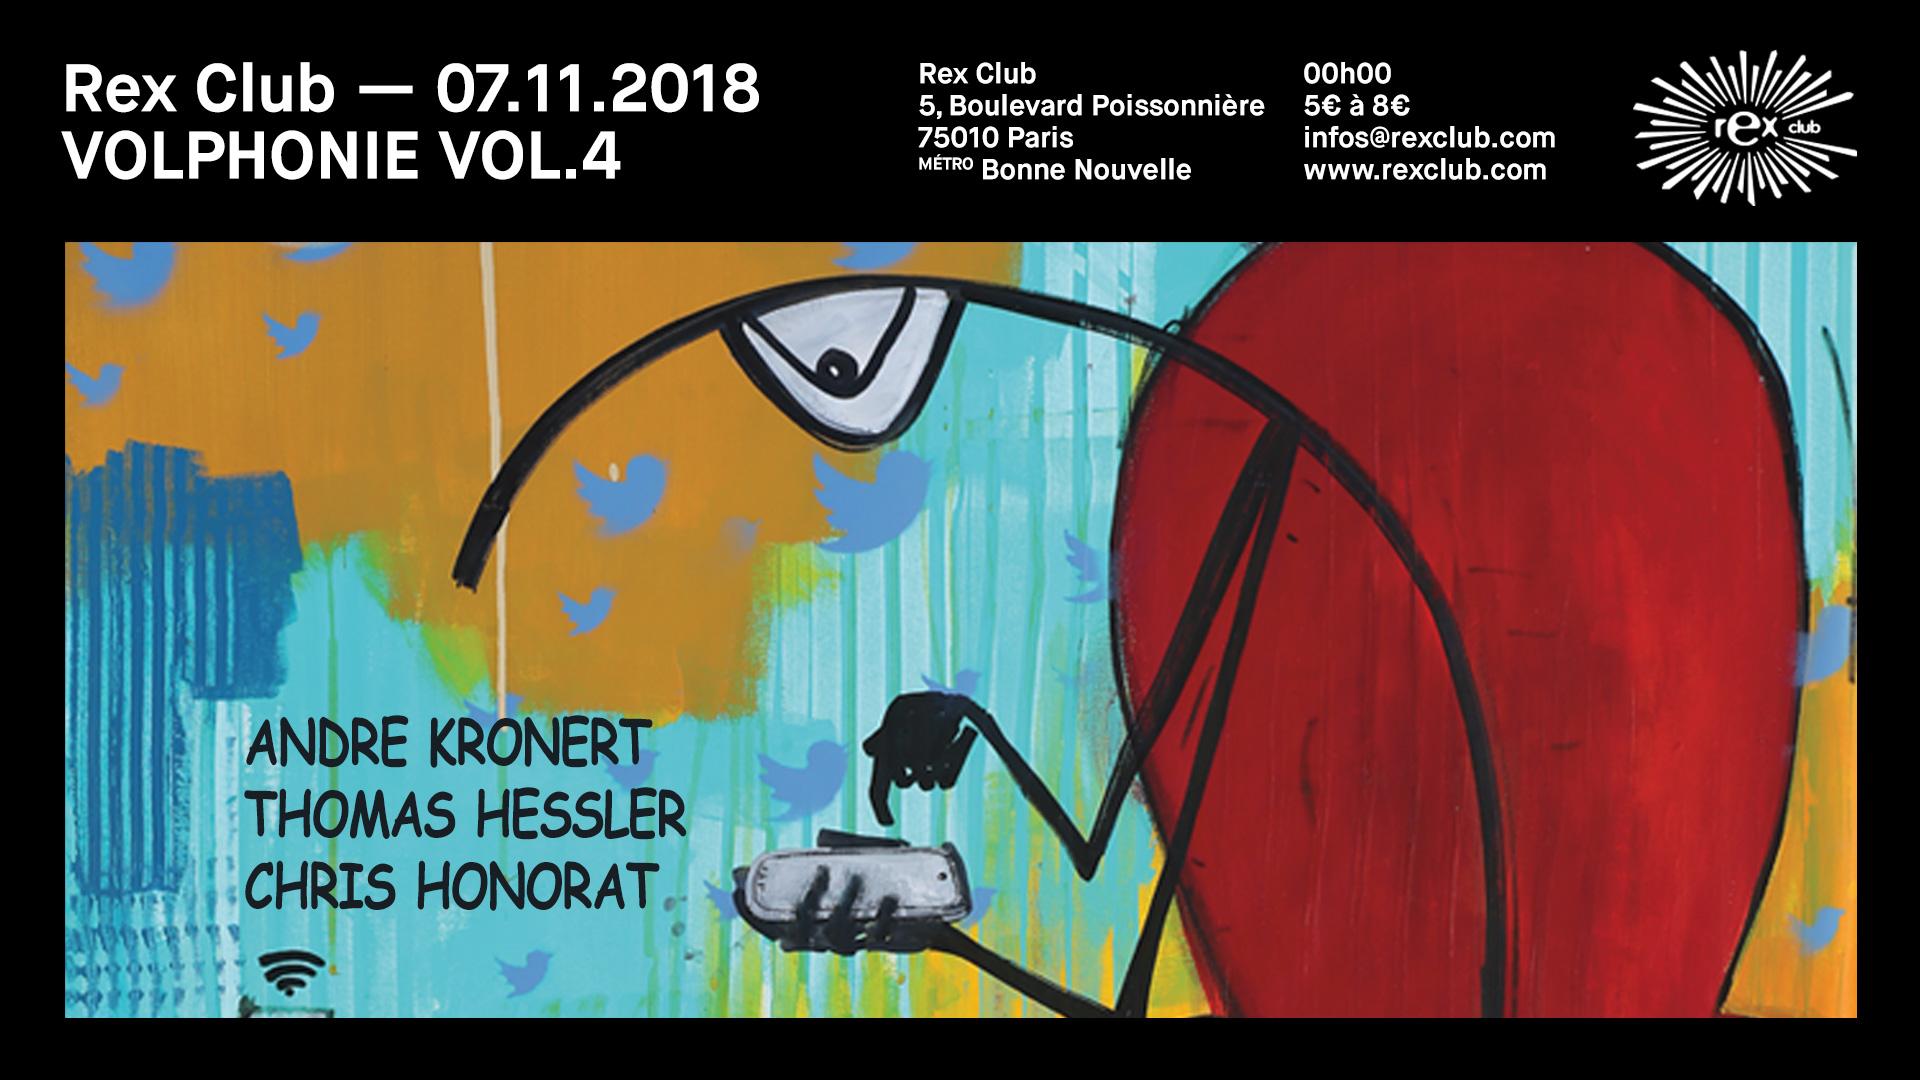 VOL.4 w/ Andre Kronert, Thomas Hessler & Chris Honorat